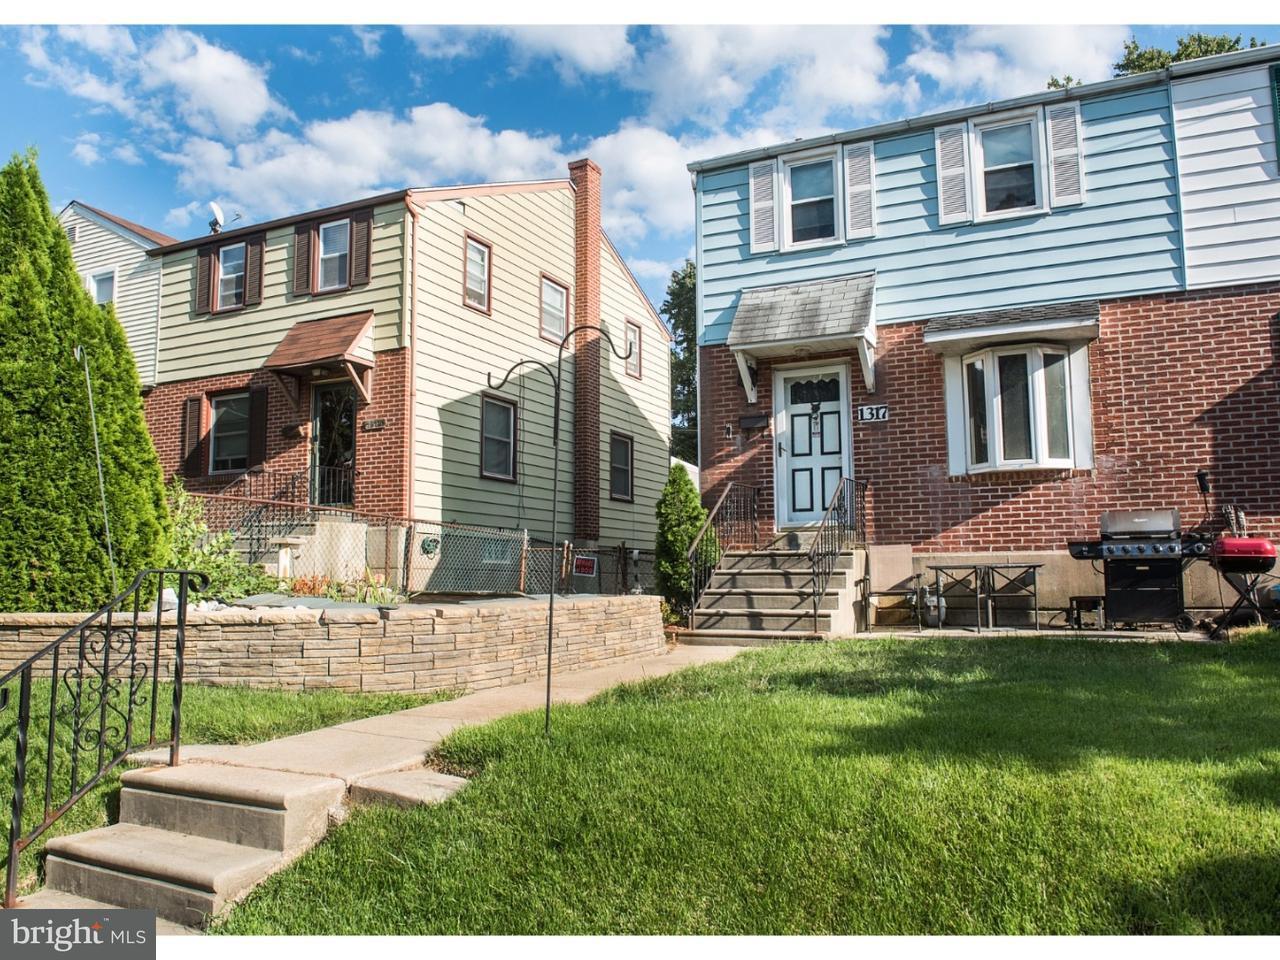 Casa unifamiliar adosada (Townhouse) por un Venta en 1317 WOODLAND Avenue Sharon Hill, Pennsylvania 19079 Estados Unidos